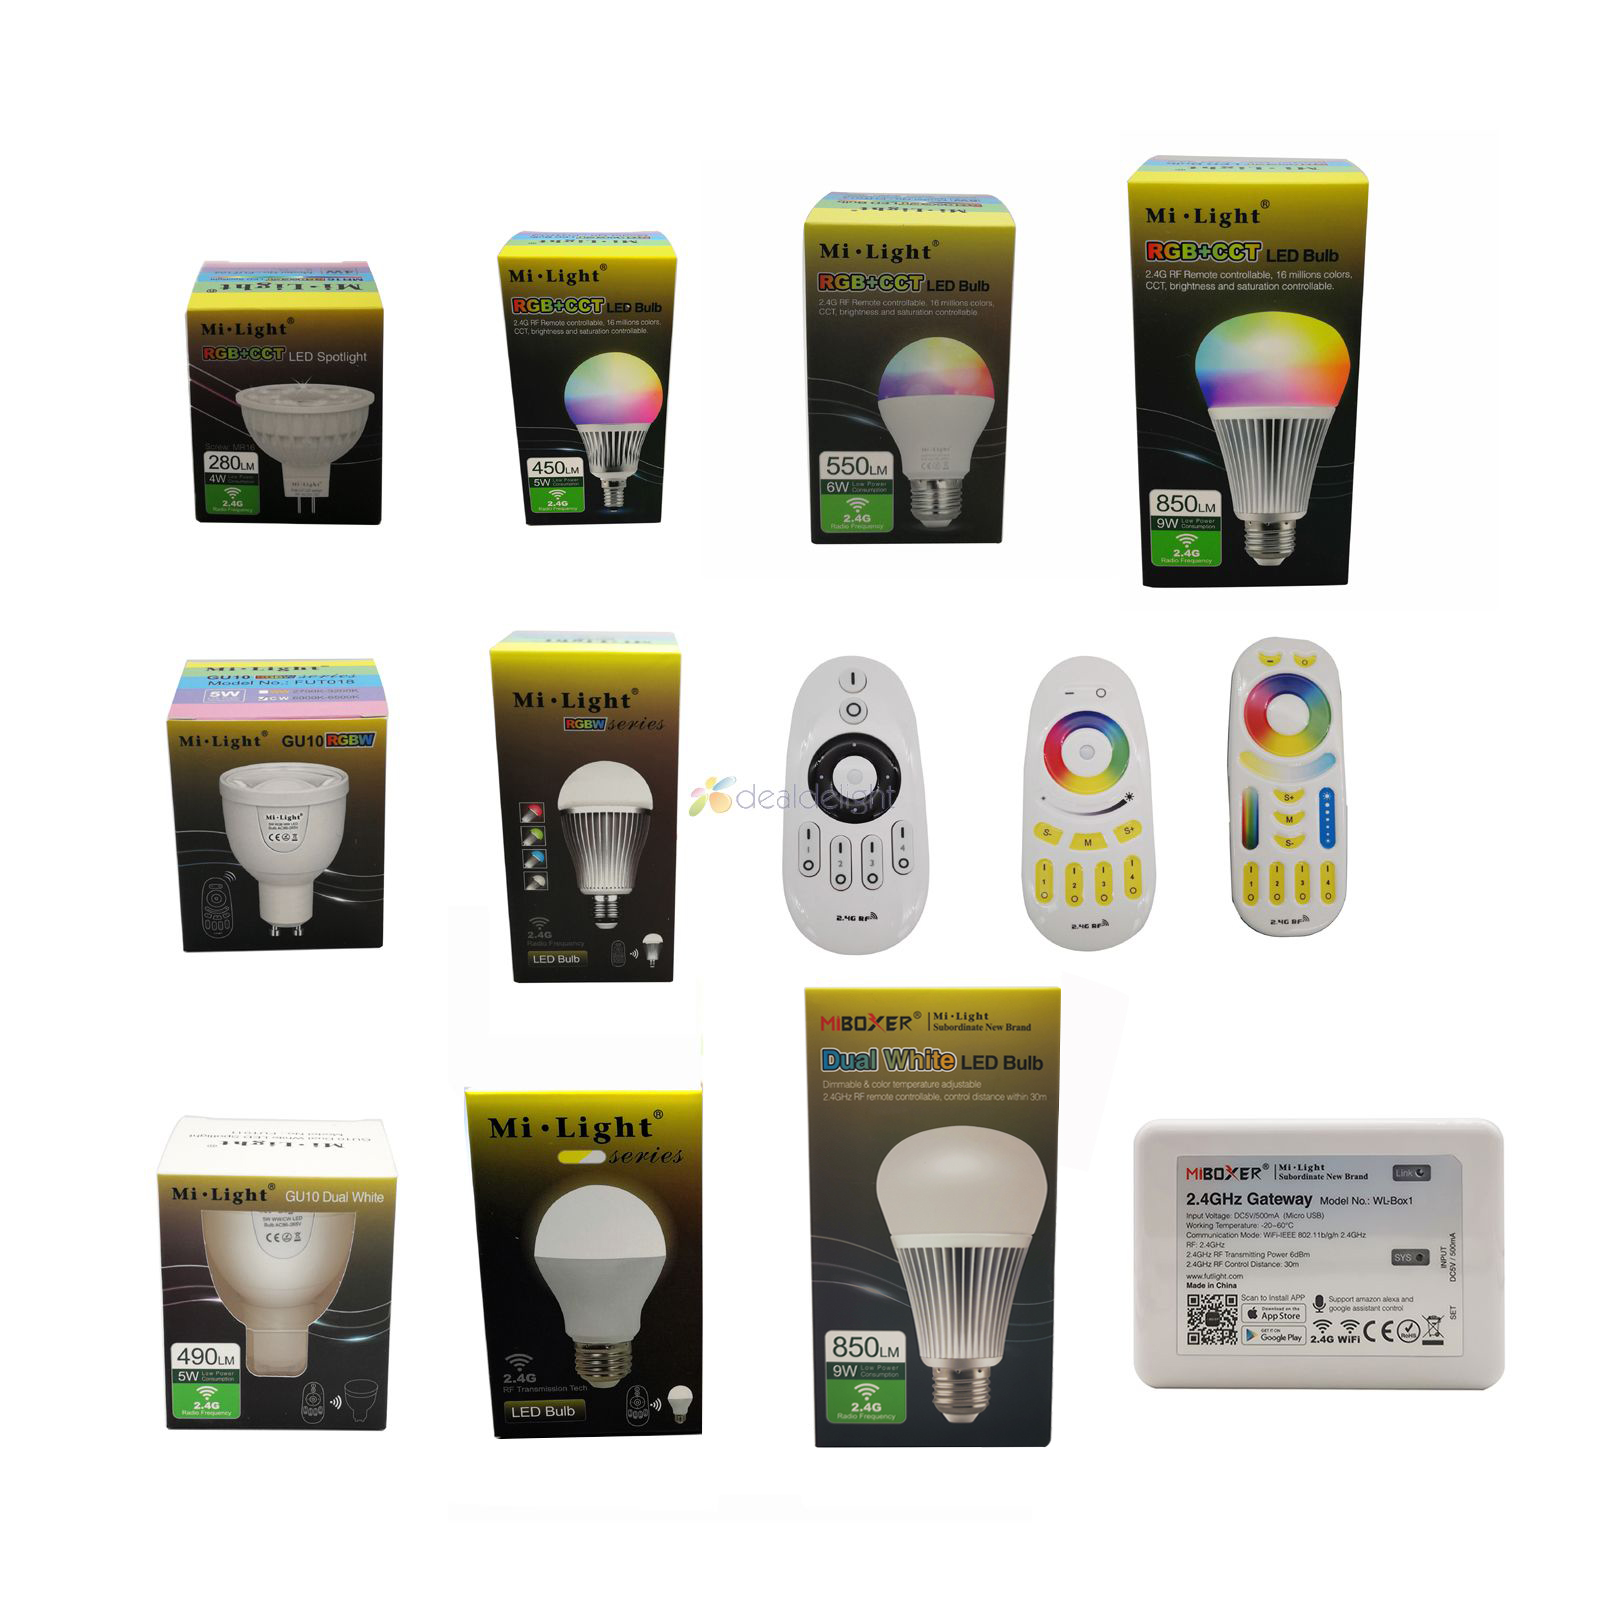 Светодиодный светильник Mi, 2,4G, MR16, GU10, E14, E27, 4 Вт, 5 Вт, 6 Вт, 9 Вт, 12 Вт, CCT, RGBW, RGBWW, RGB + CCT, Беспроводной Wi-Fi, пульт дистанционного управления